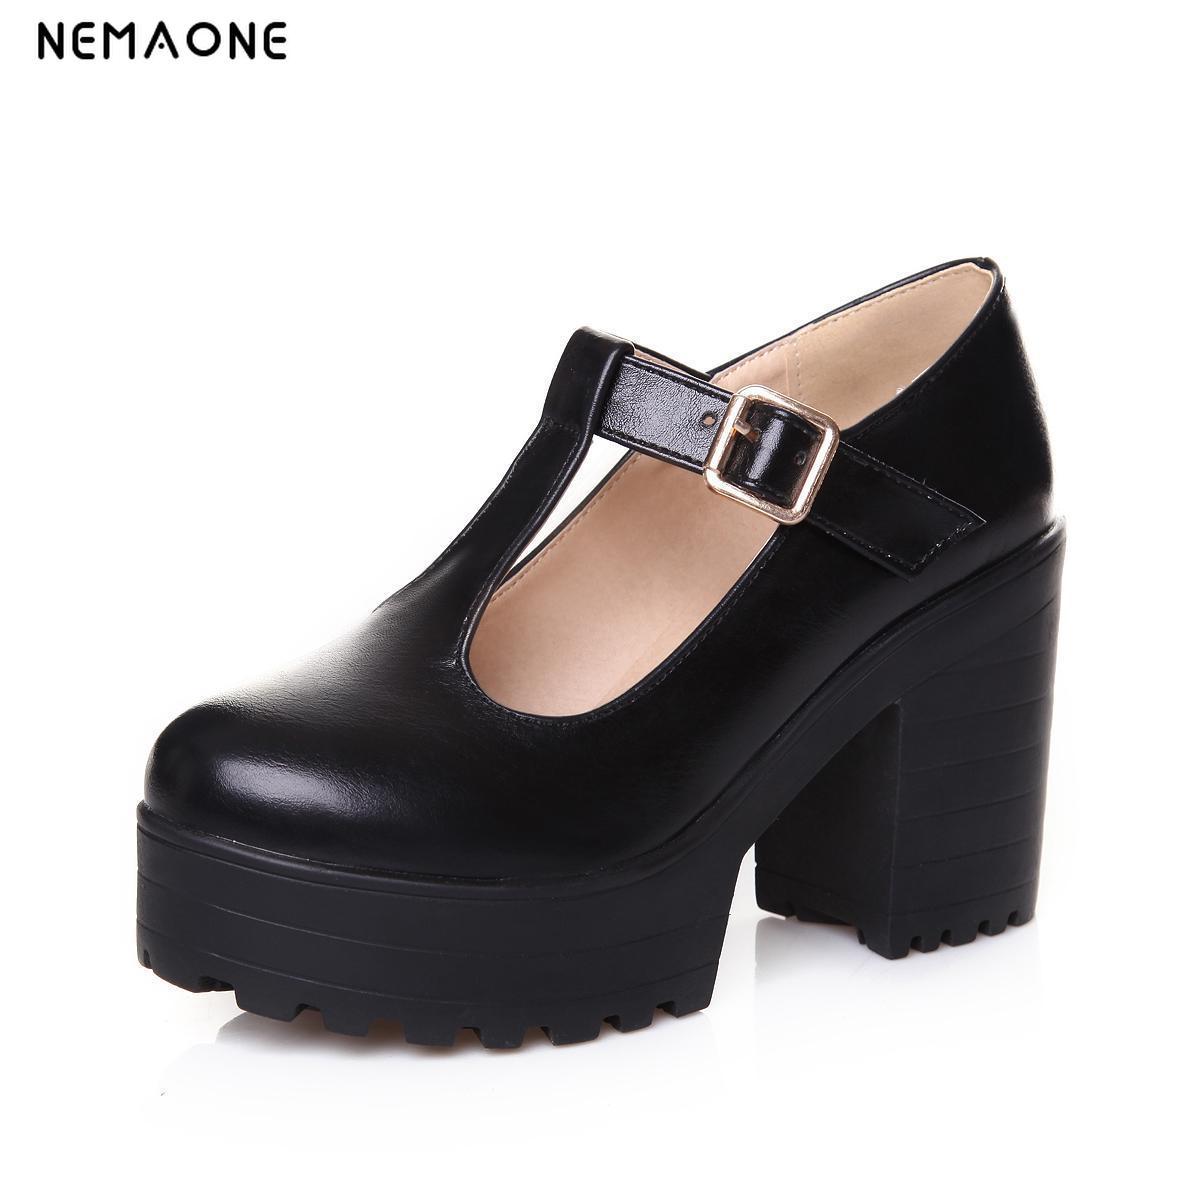 NEMAONE 2017 New fashion women shoes thick high heels platform shoes woman shoes spring autumn women pumps T-strap ladies shoes<br>